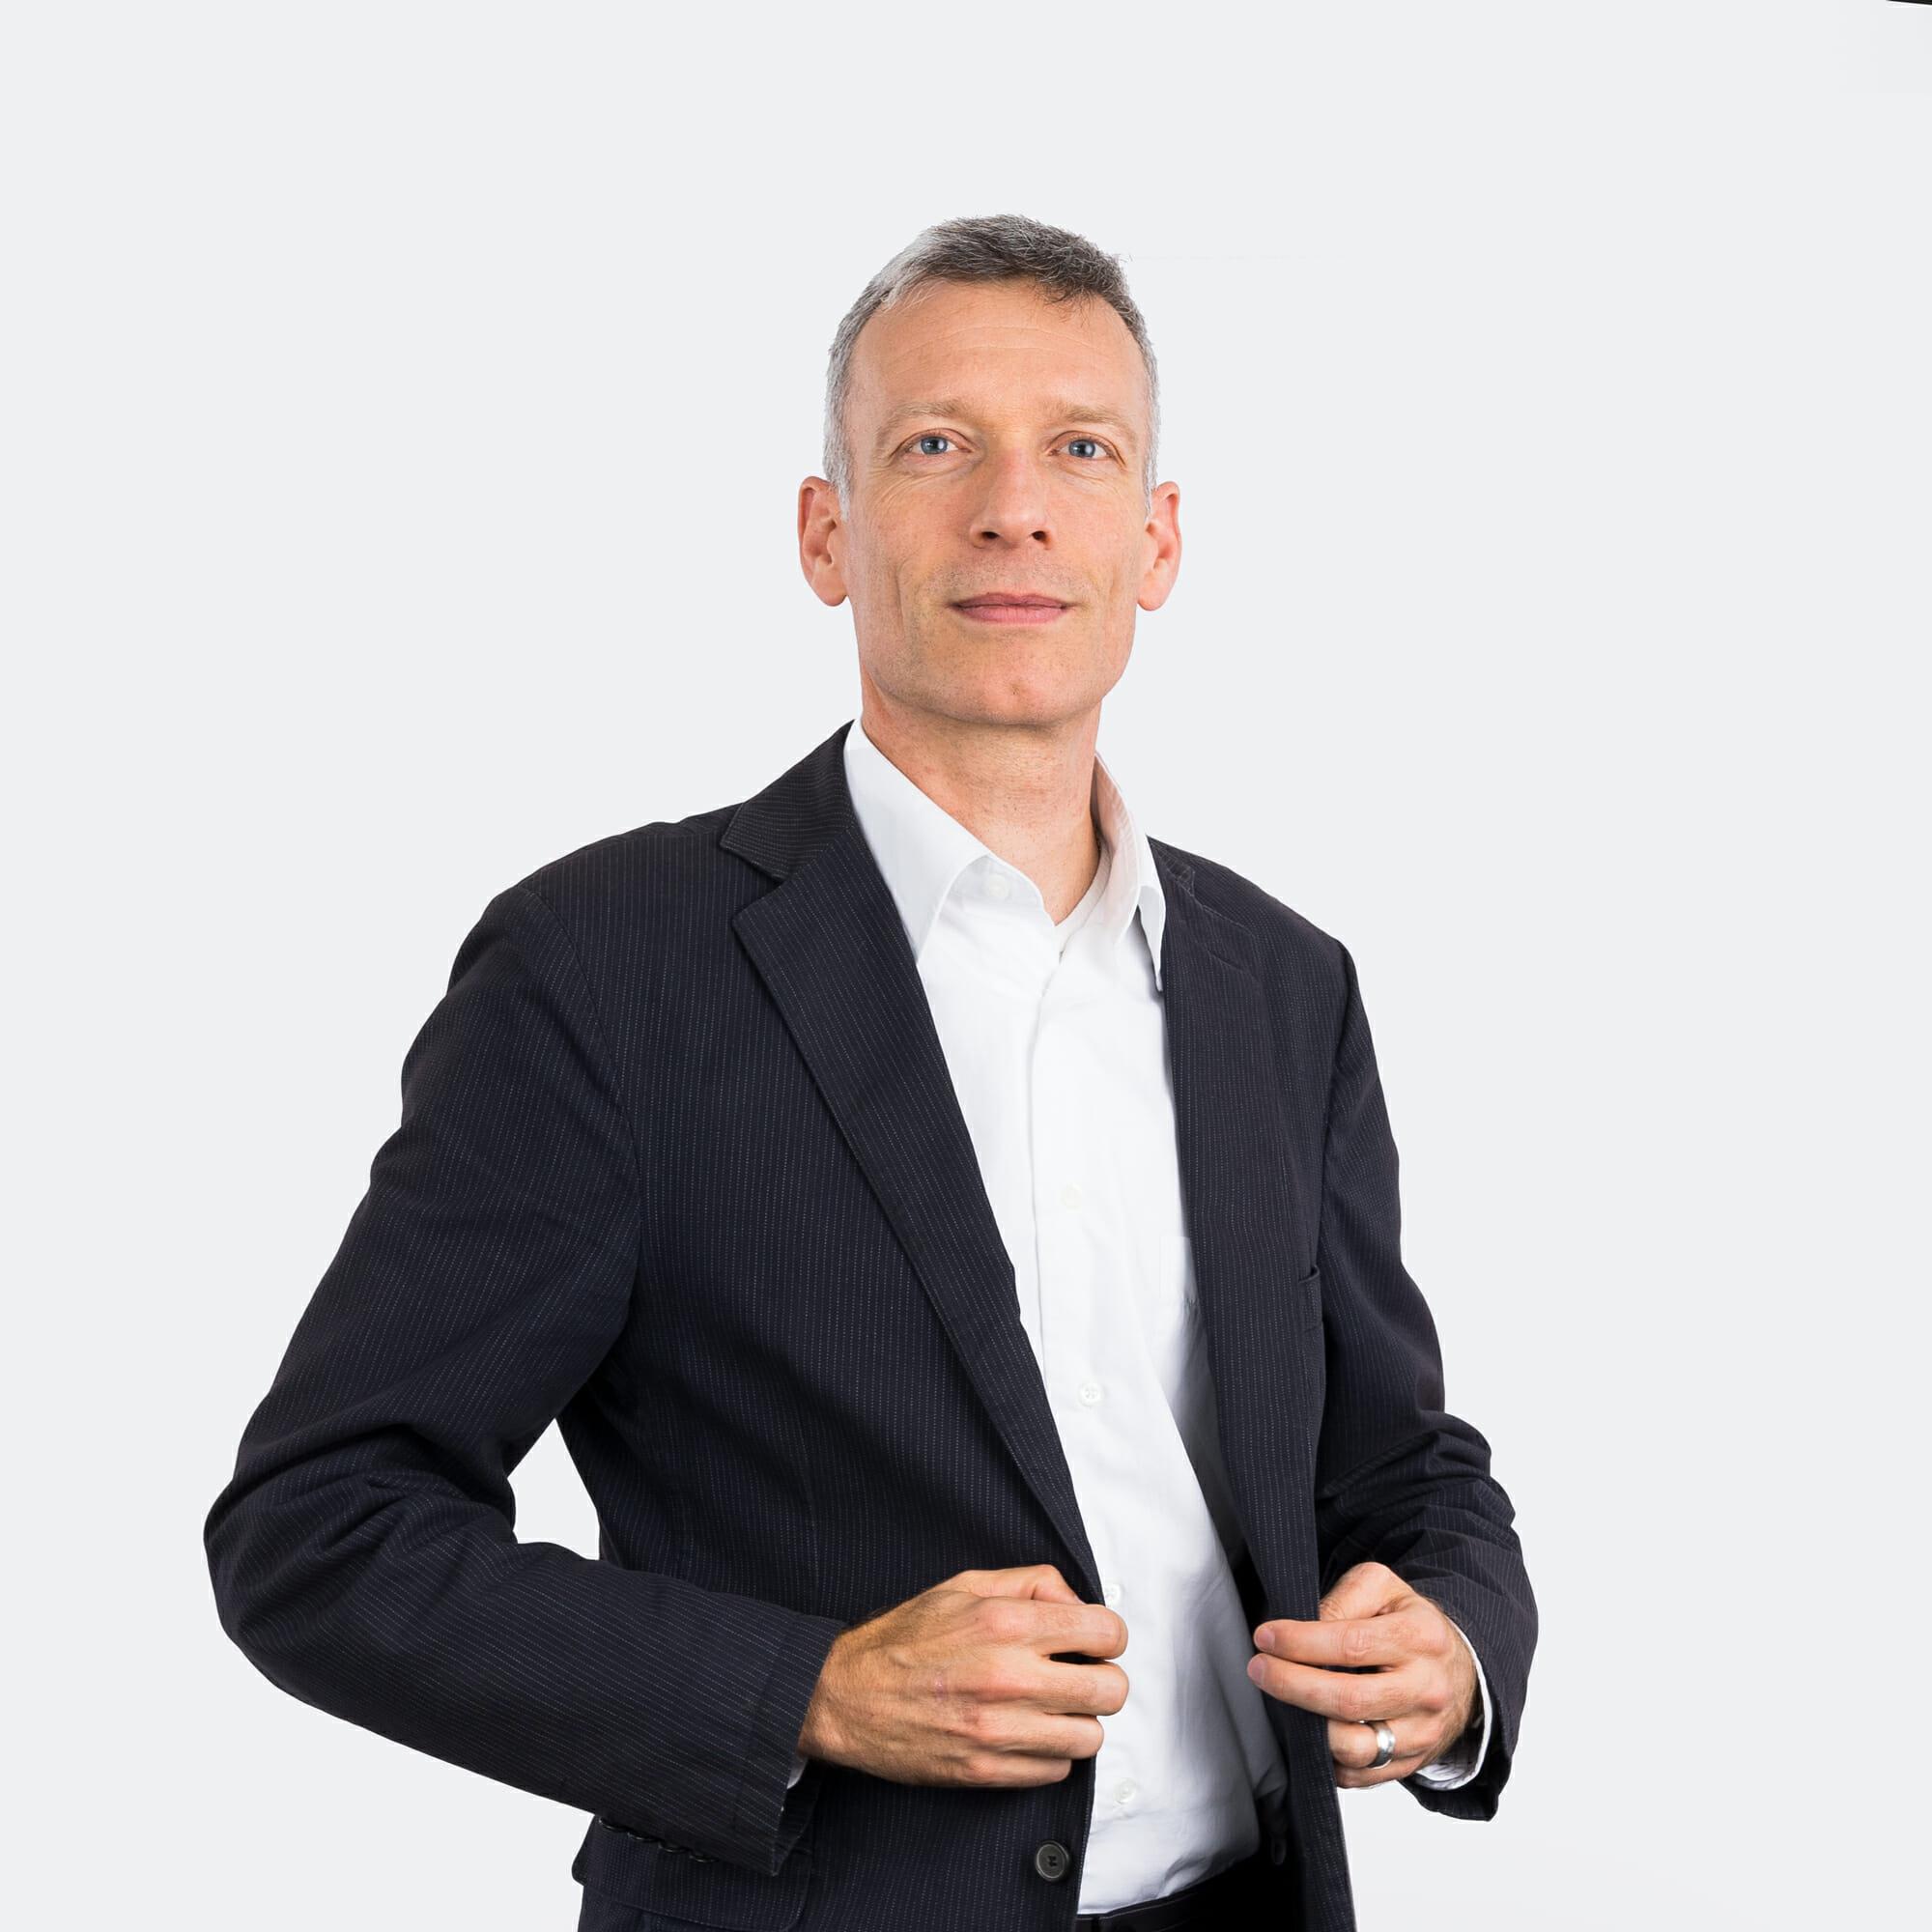 Matthias Kobel